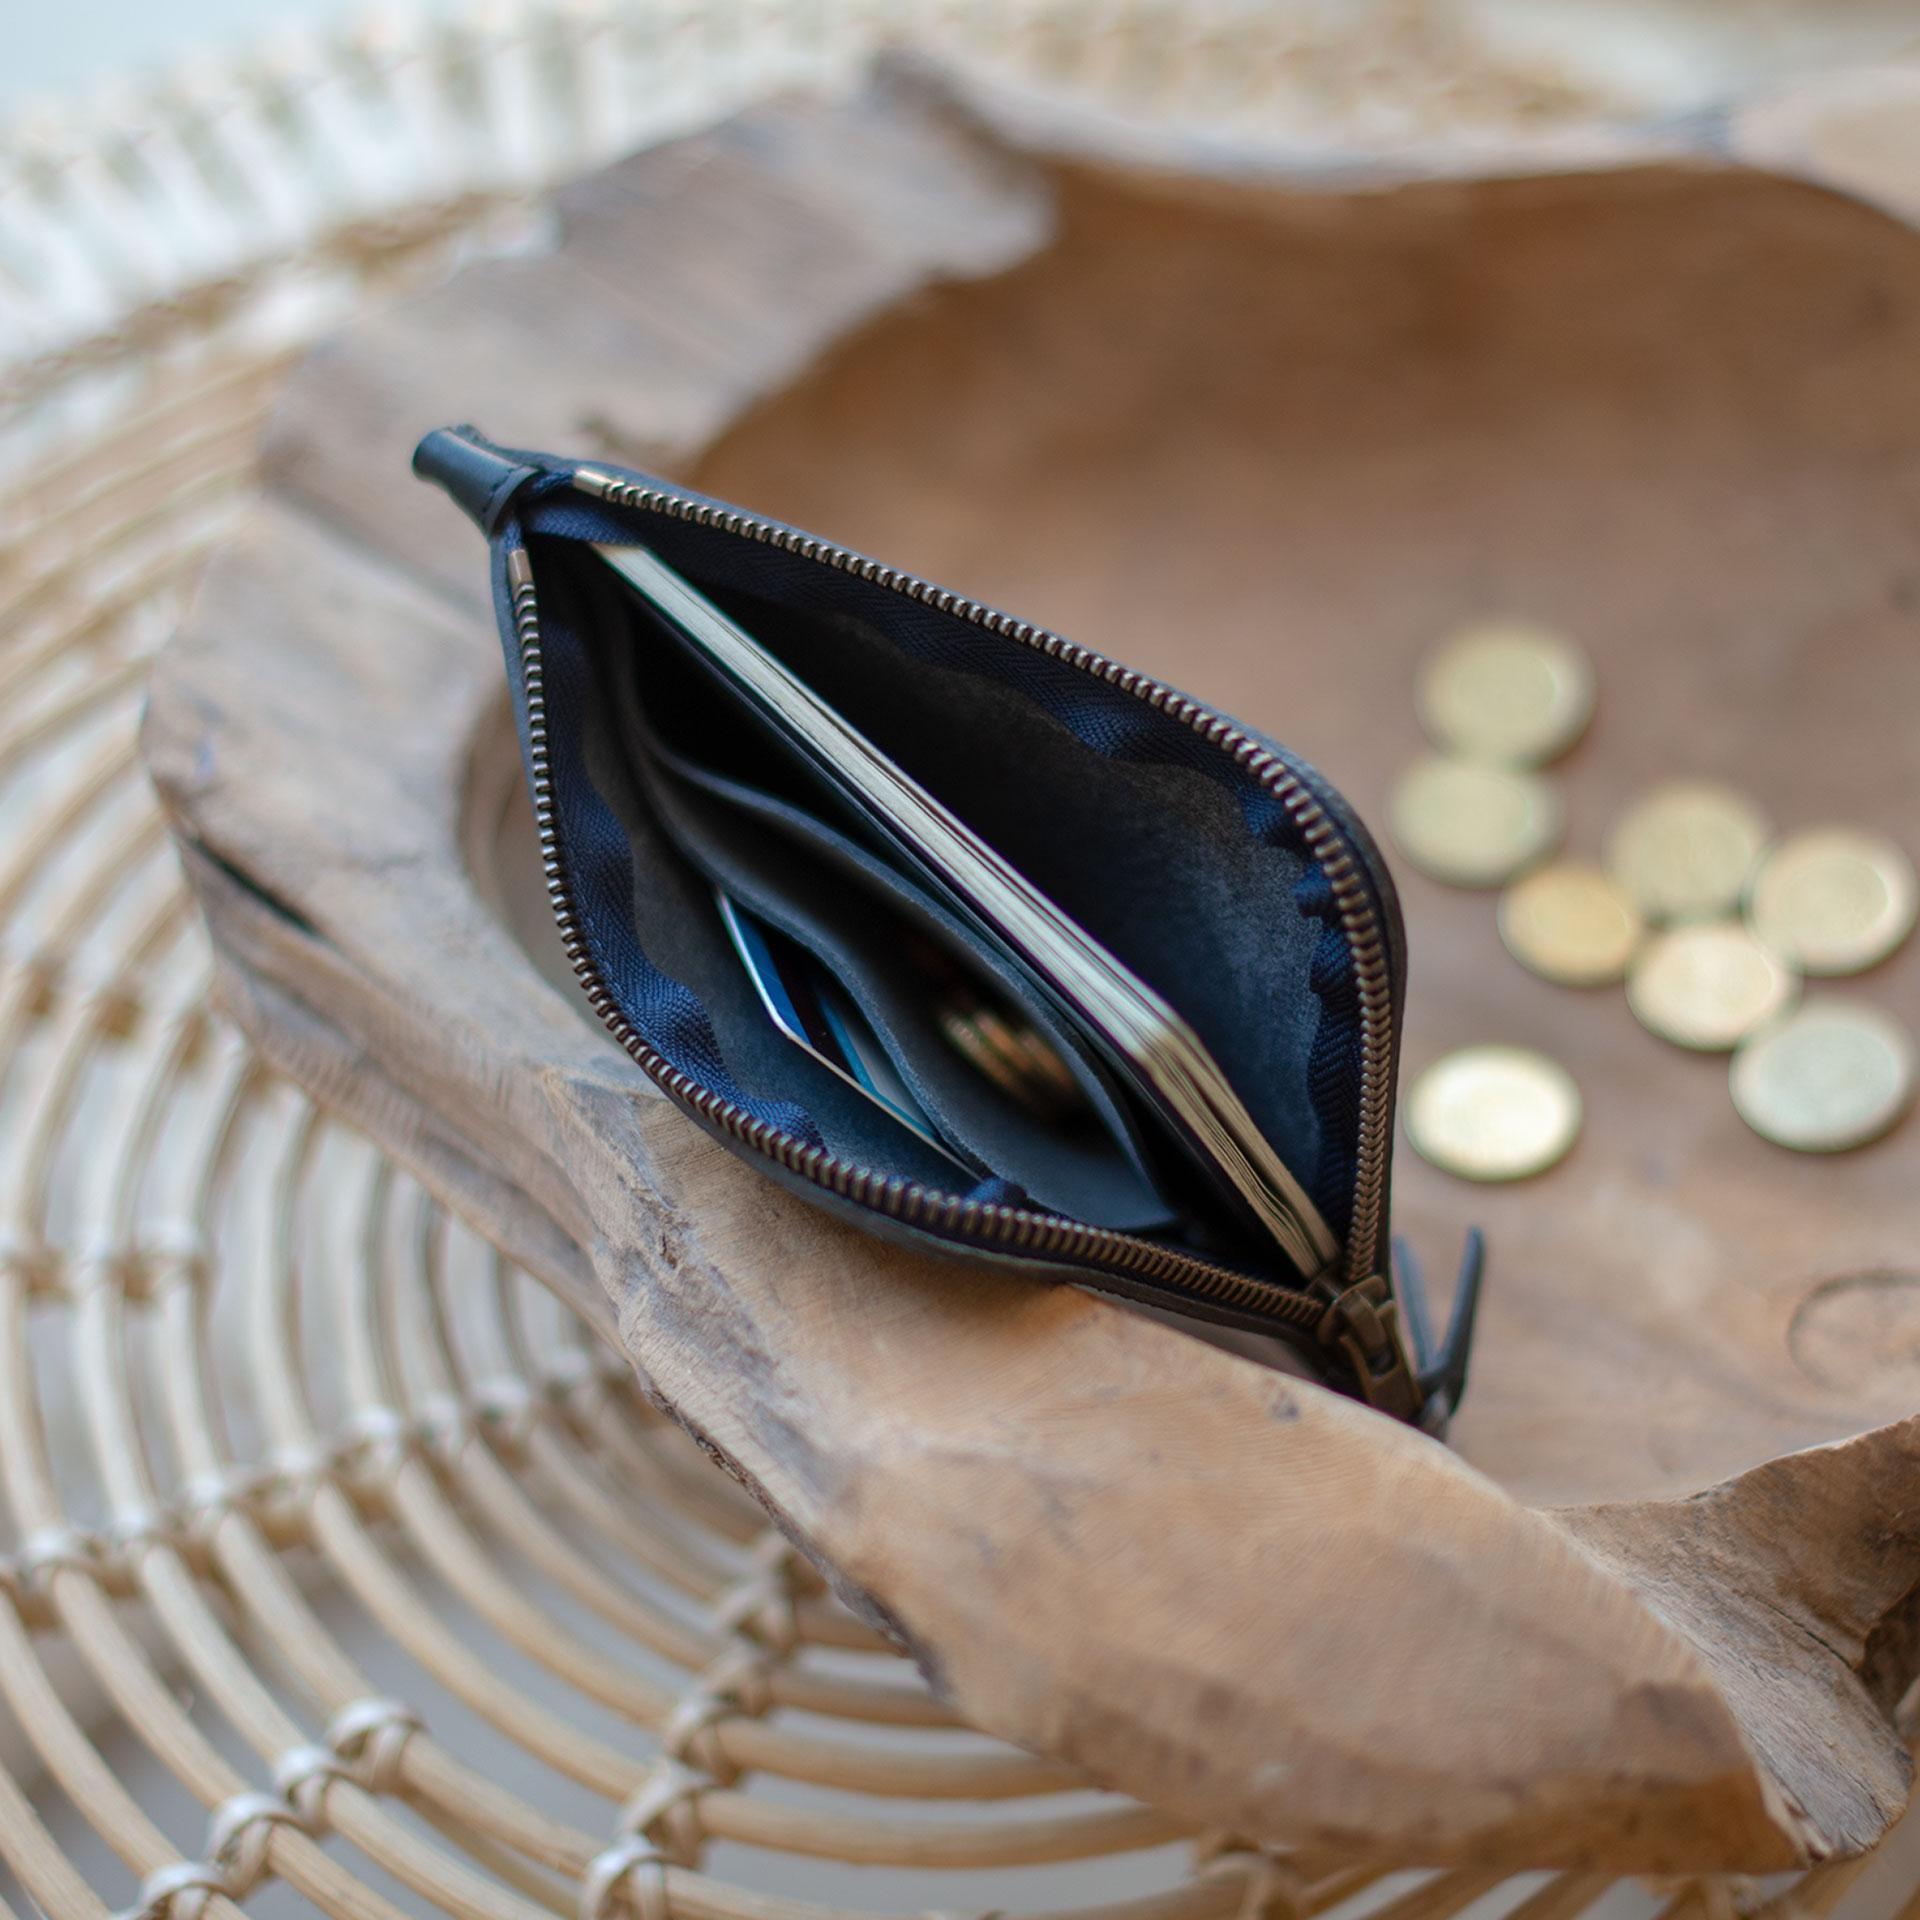 Porte monnaie zippé Daron / XL - Marine (image n°4)